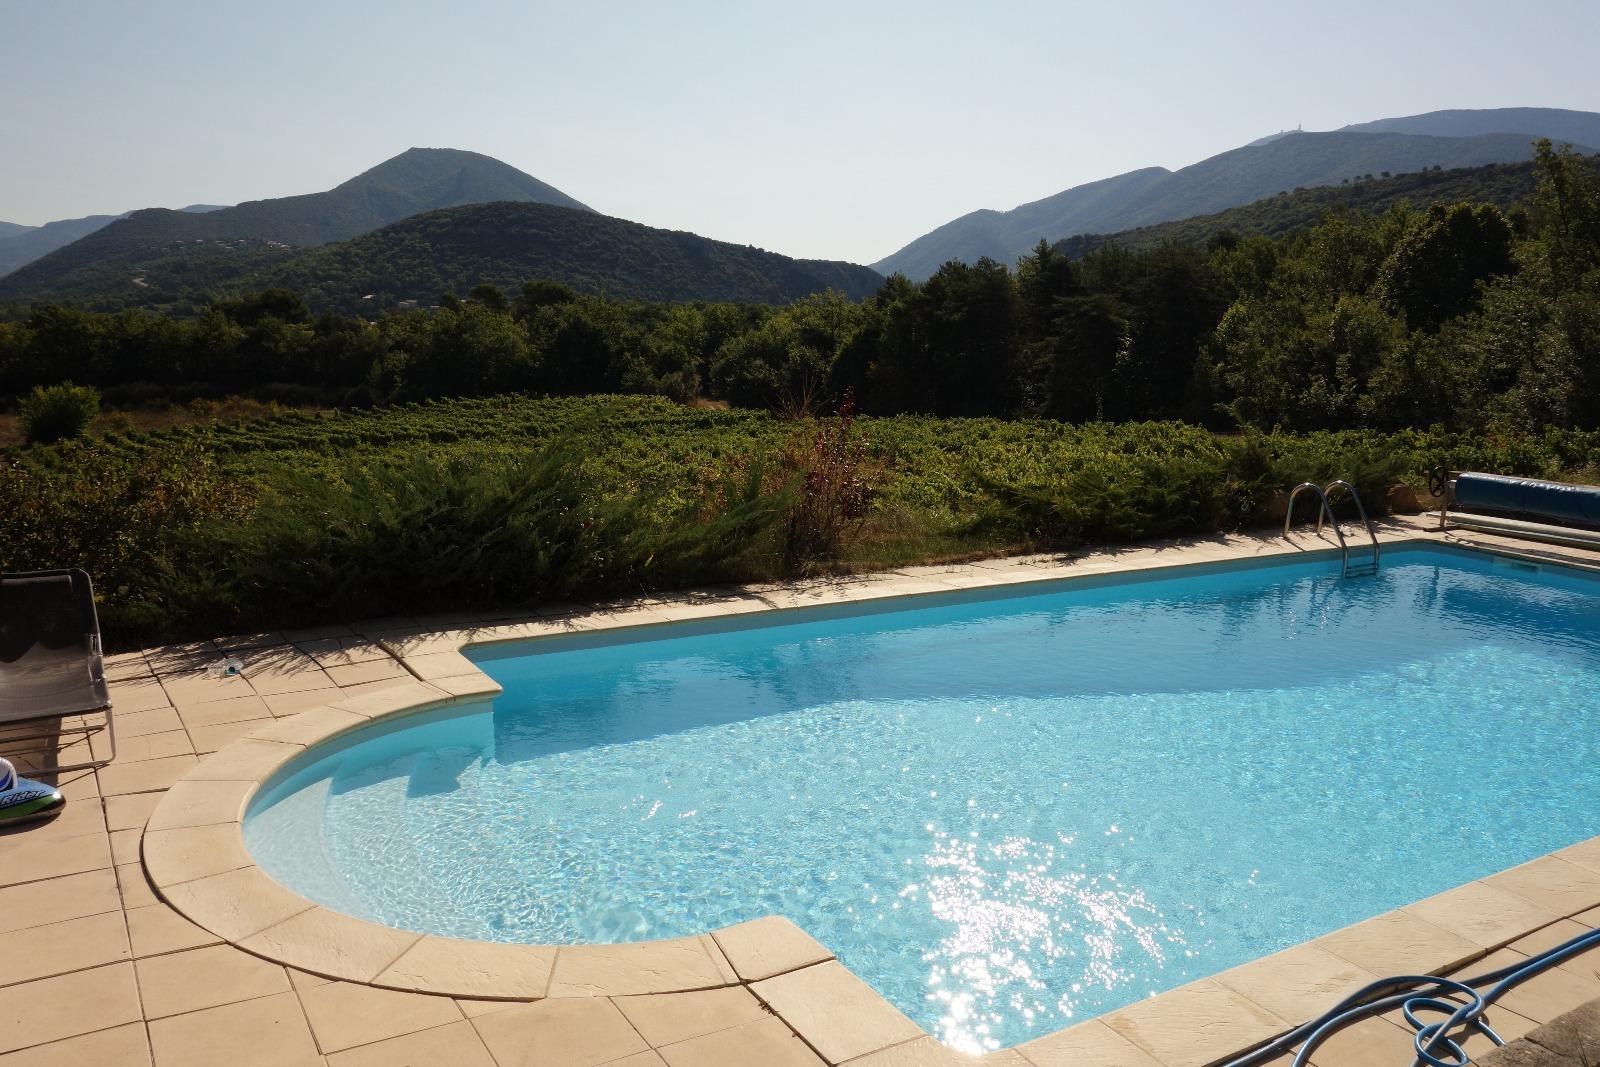 Annonce villa 6 pieces vaison la romaine vente for Prix piscine 10x5m